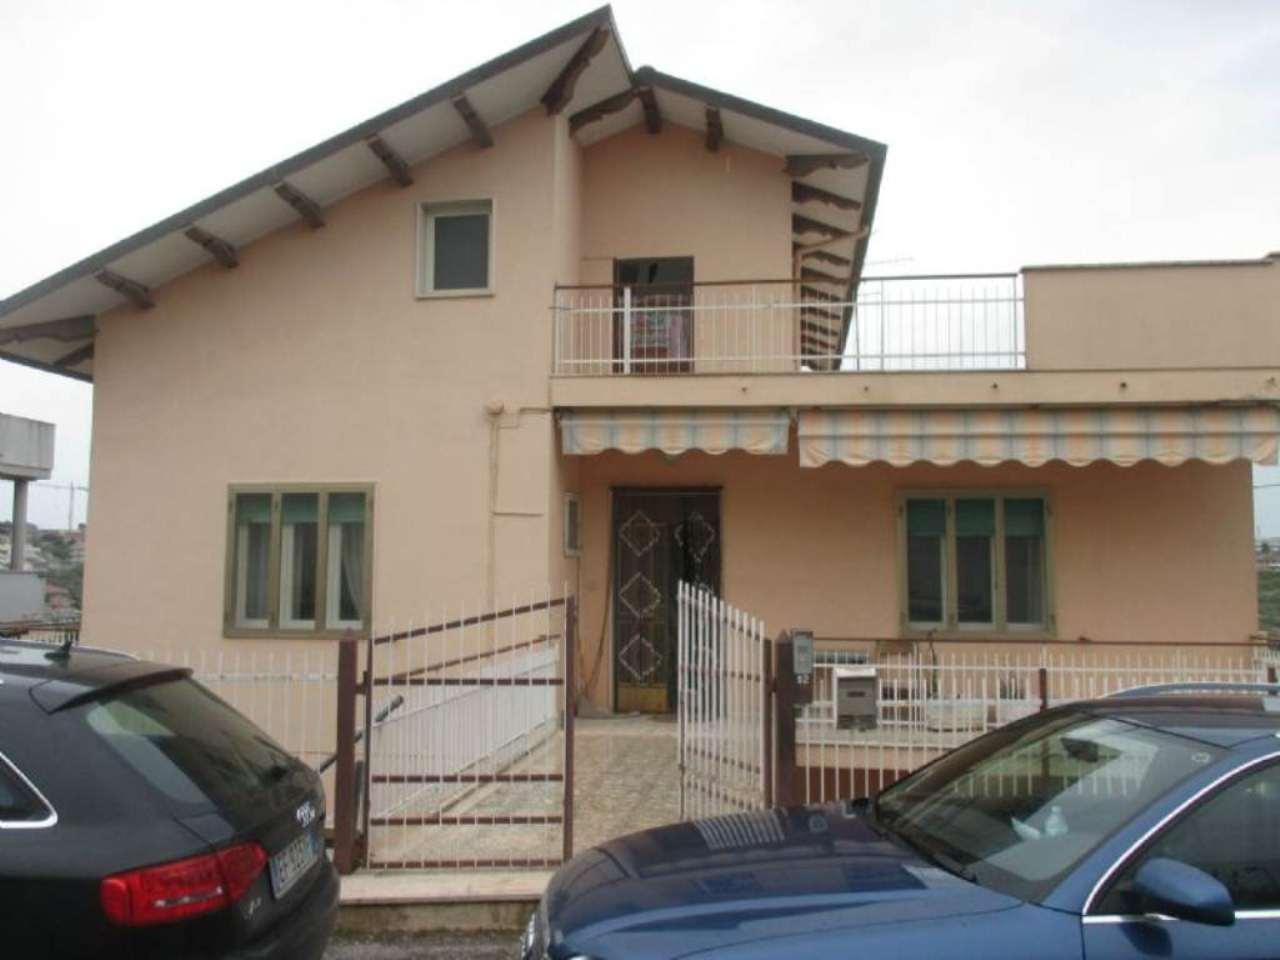 Soluzione Indipendente in vendita a Pescara, 9999 locali, prezzo € 250.000 | Cambio Casa.it